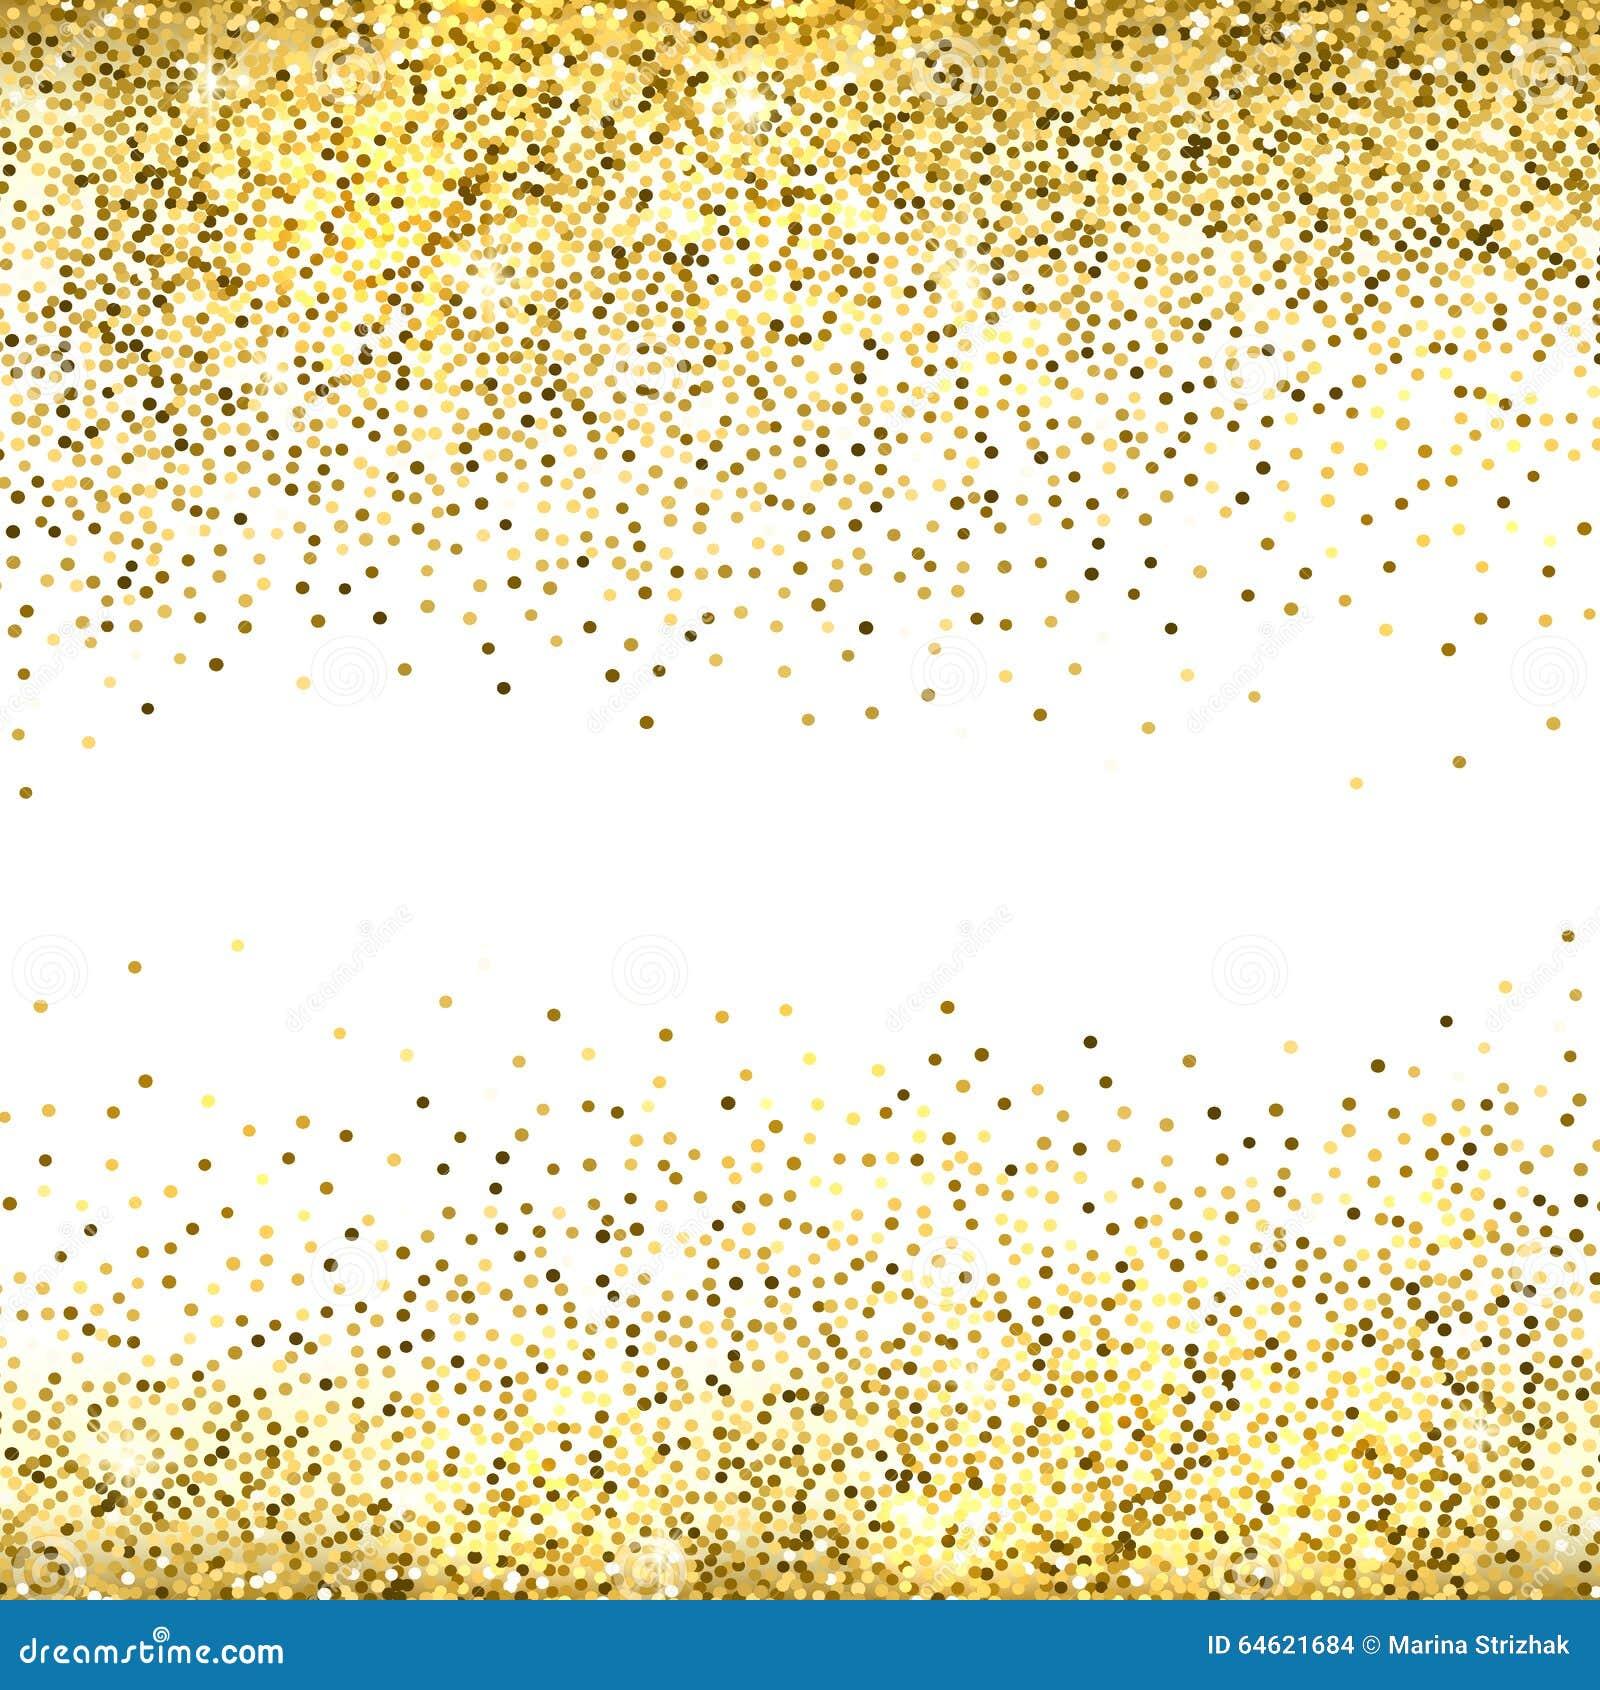 black and gold frame png. Gold Glitter Background. Logo, Banner. Black And Frame Png